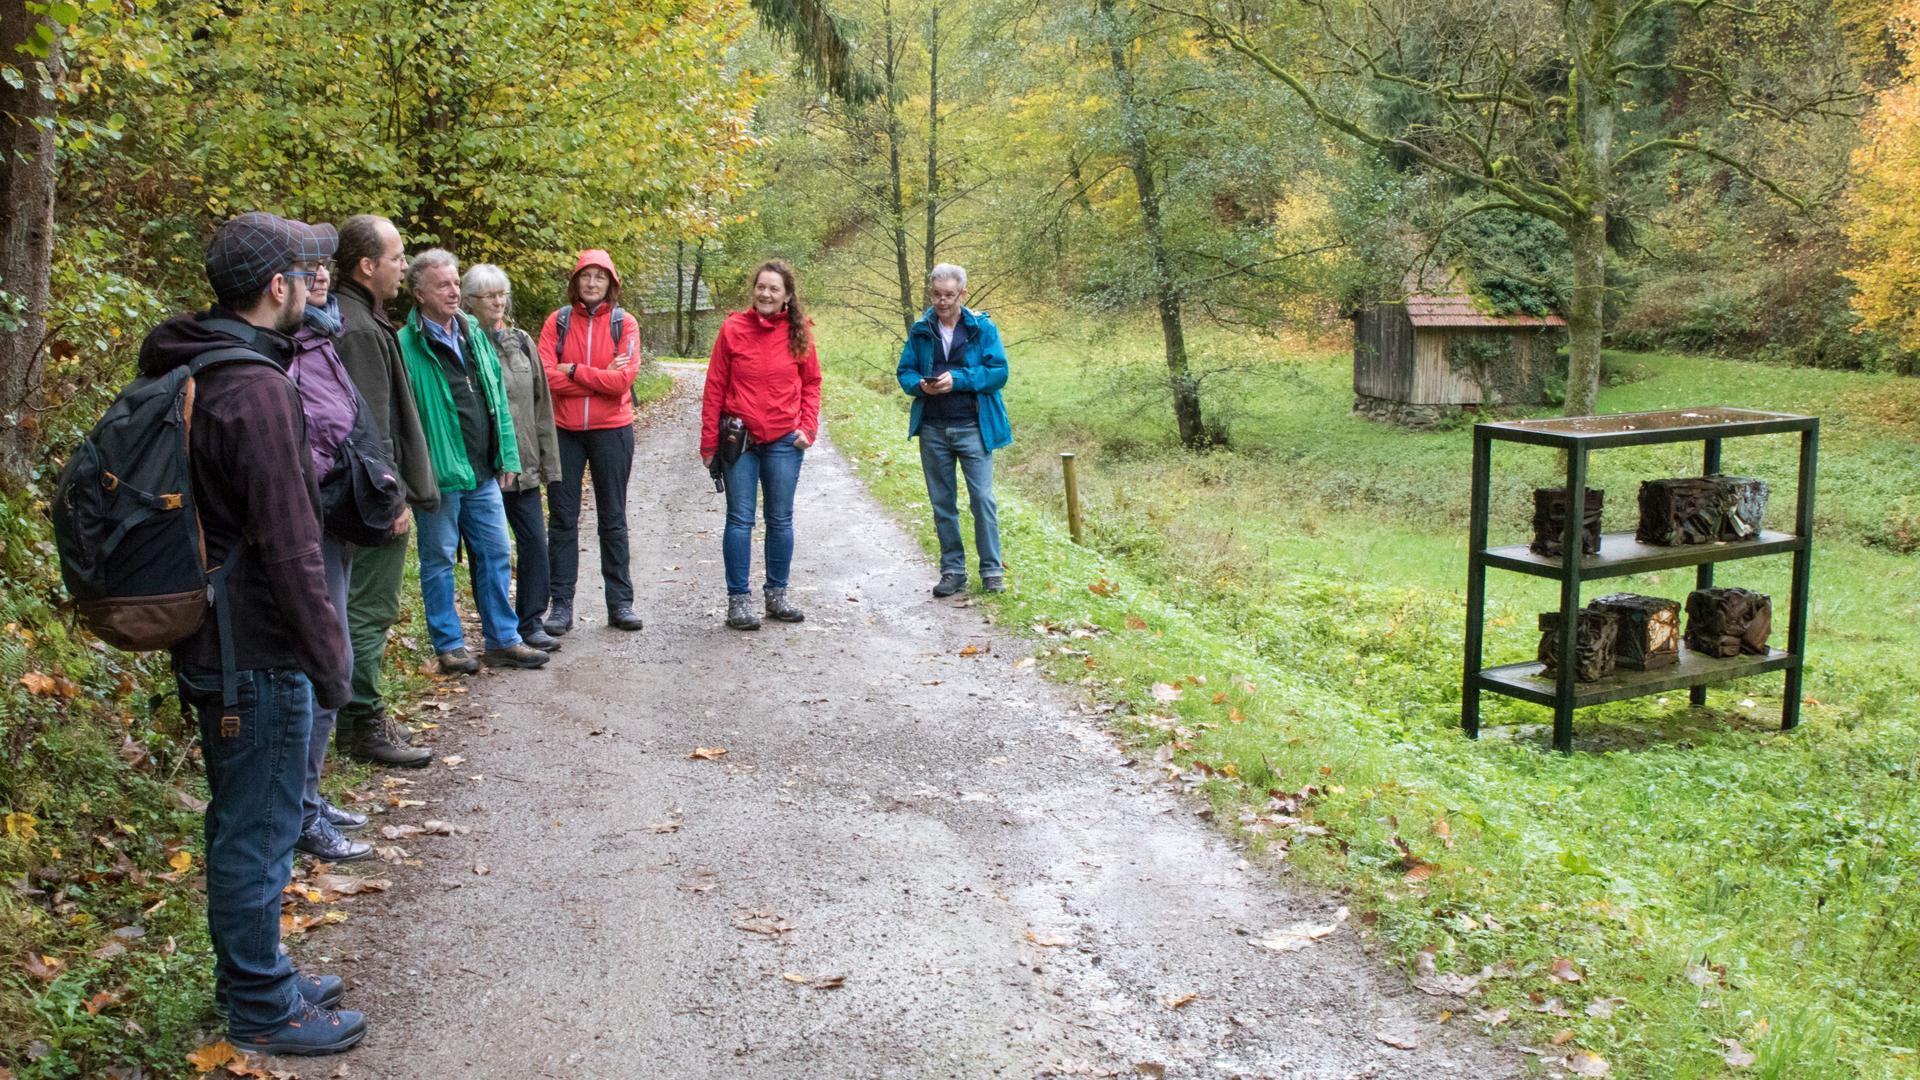 """Landschaftsgärtner Michael Buchholtz vom Verein """"Kunstweg am Reichenbach e.V."""" nahm Kunstinteressierte und Naturfreunde mit auf eine spannende Tour voller Highlights, beginnend mit der Skulptur """"To clear the wrong memory"""" von Sandra Meisel."""